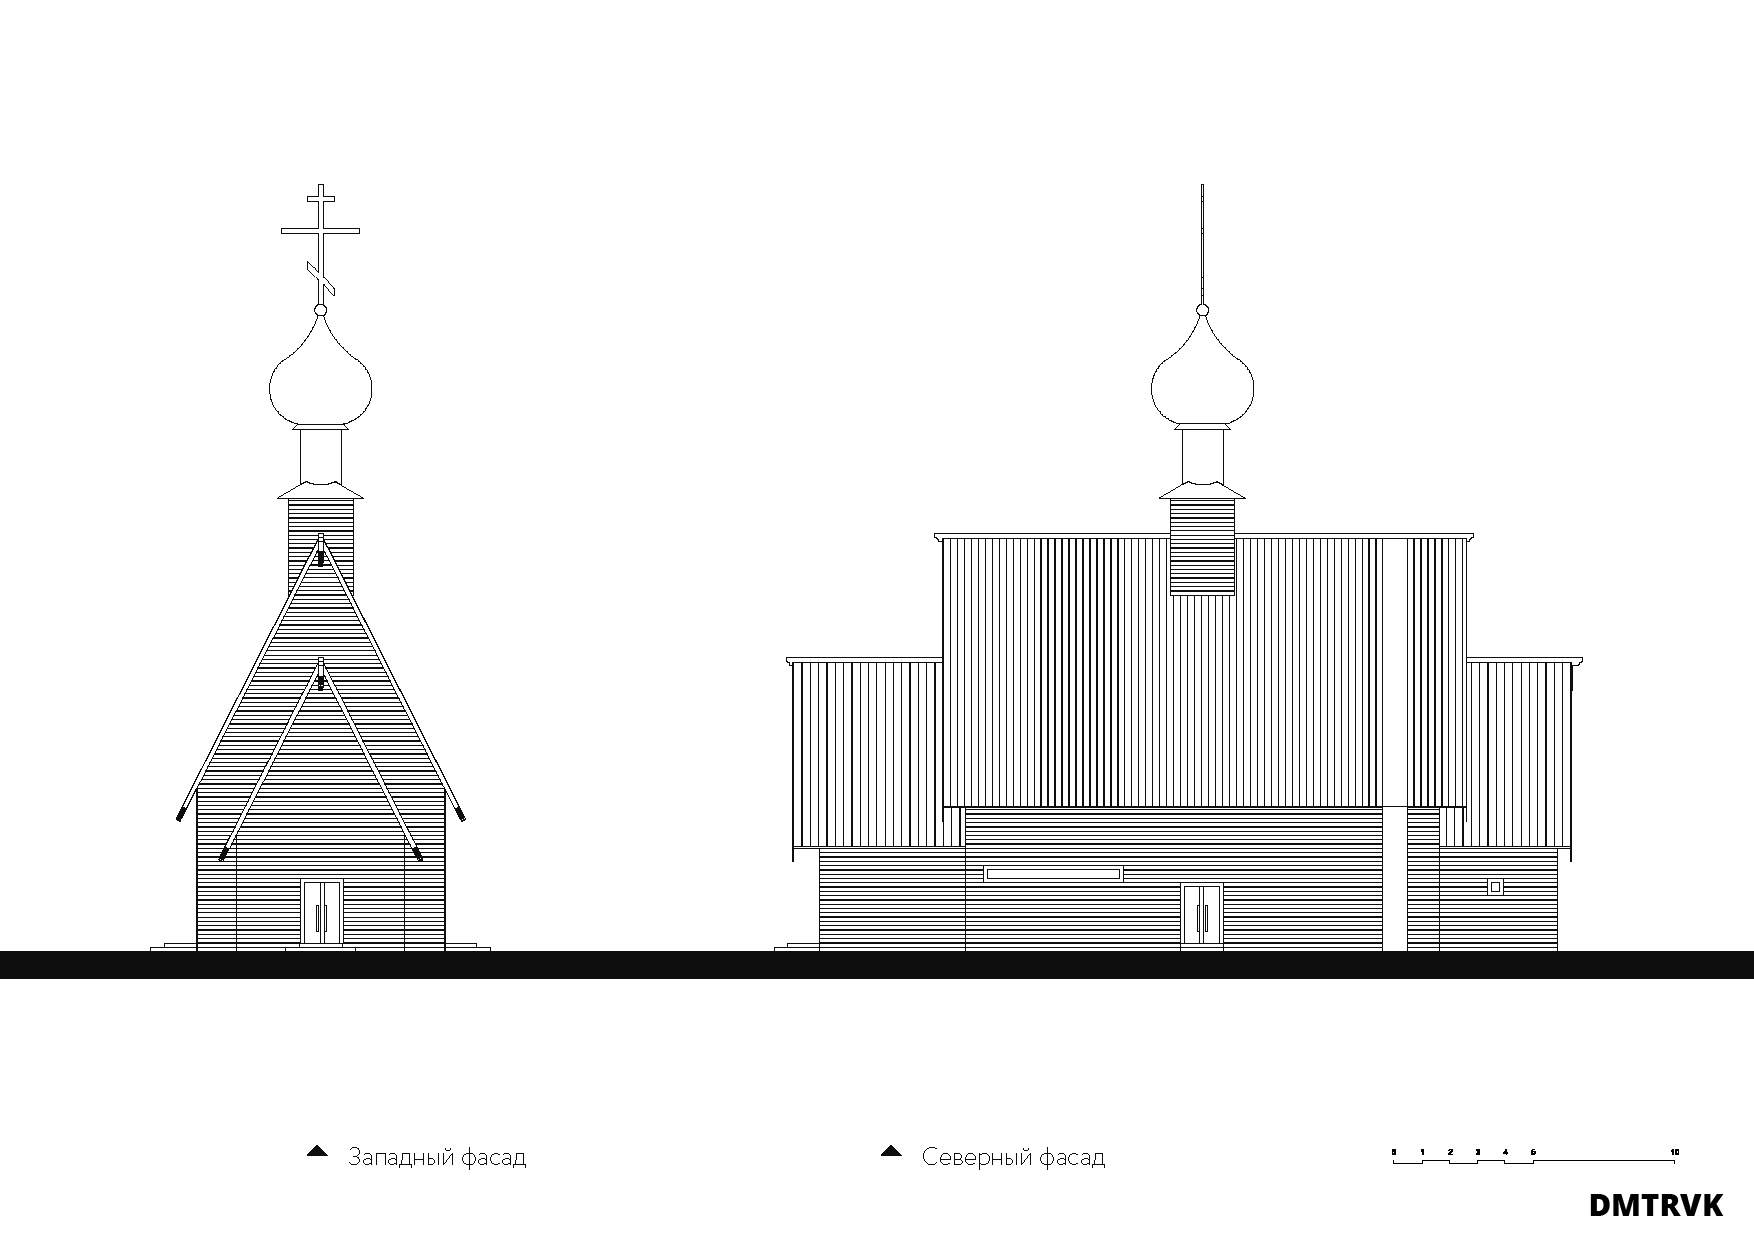 Храм на 250 человек. Схема фасадов. ©DMTRVK.RU